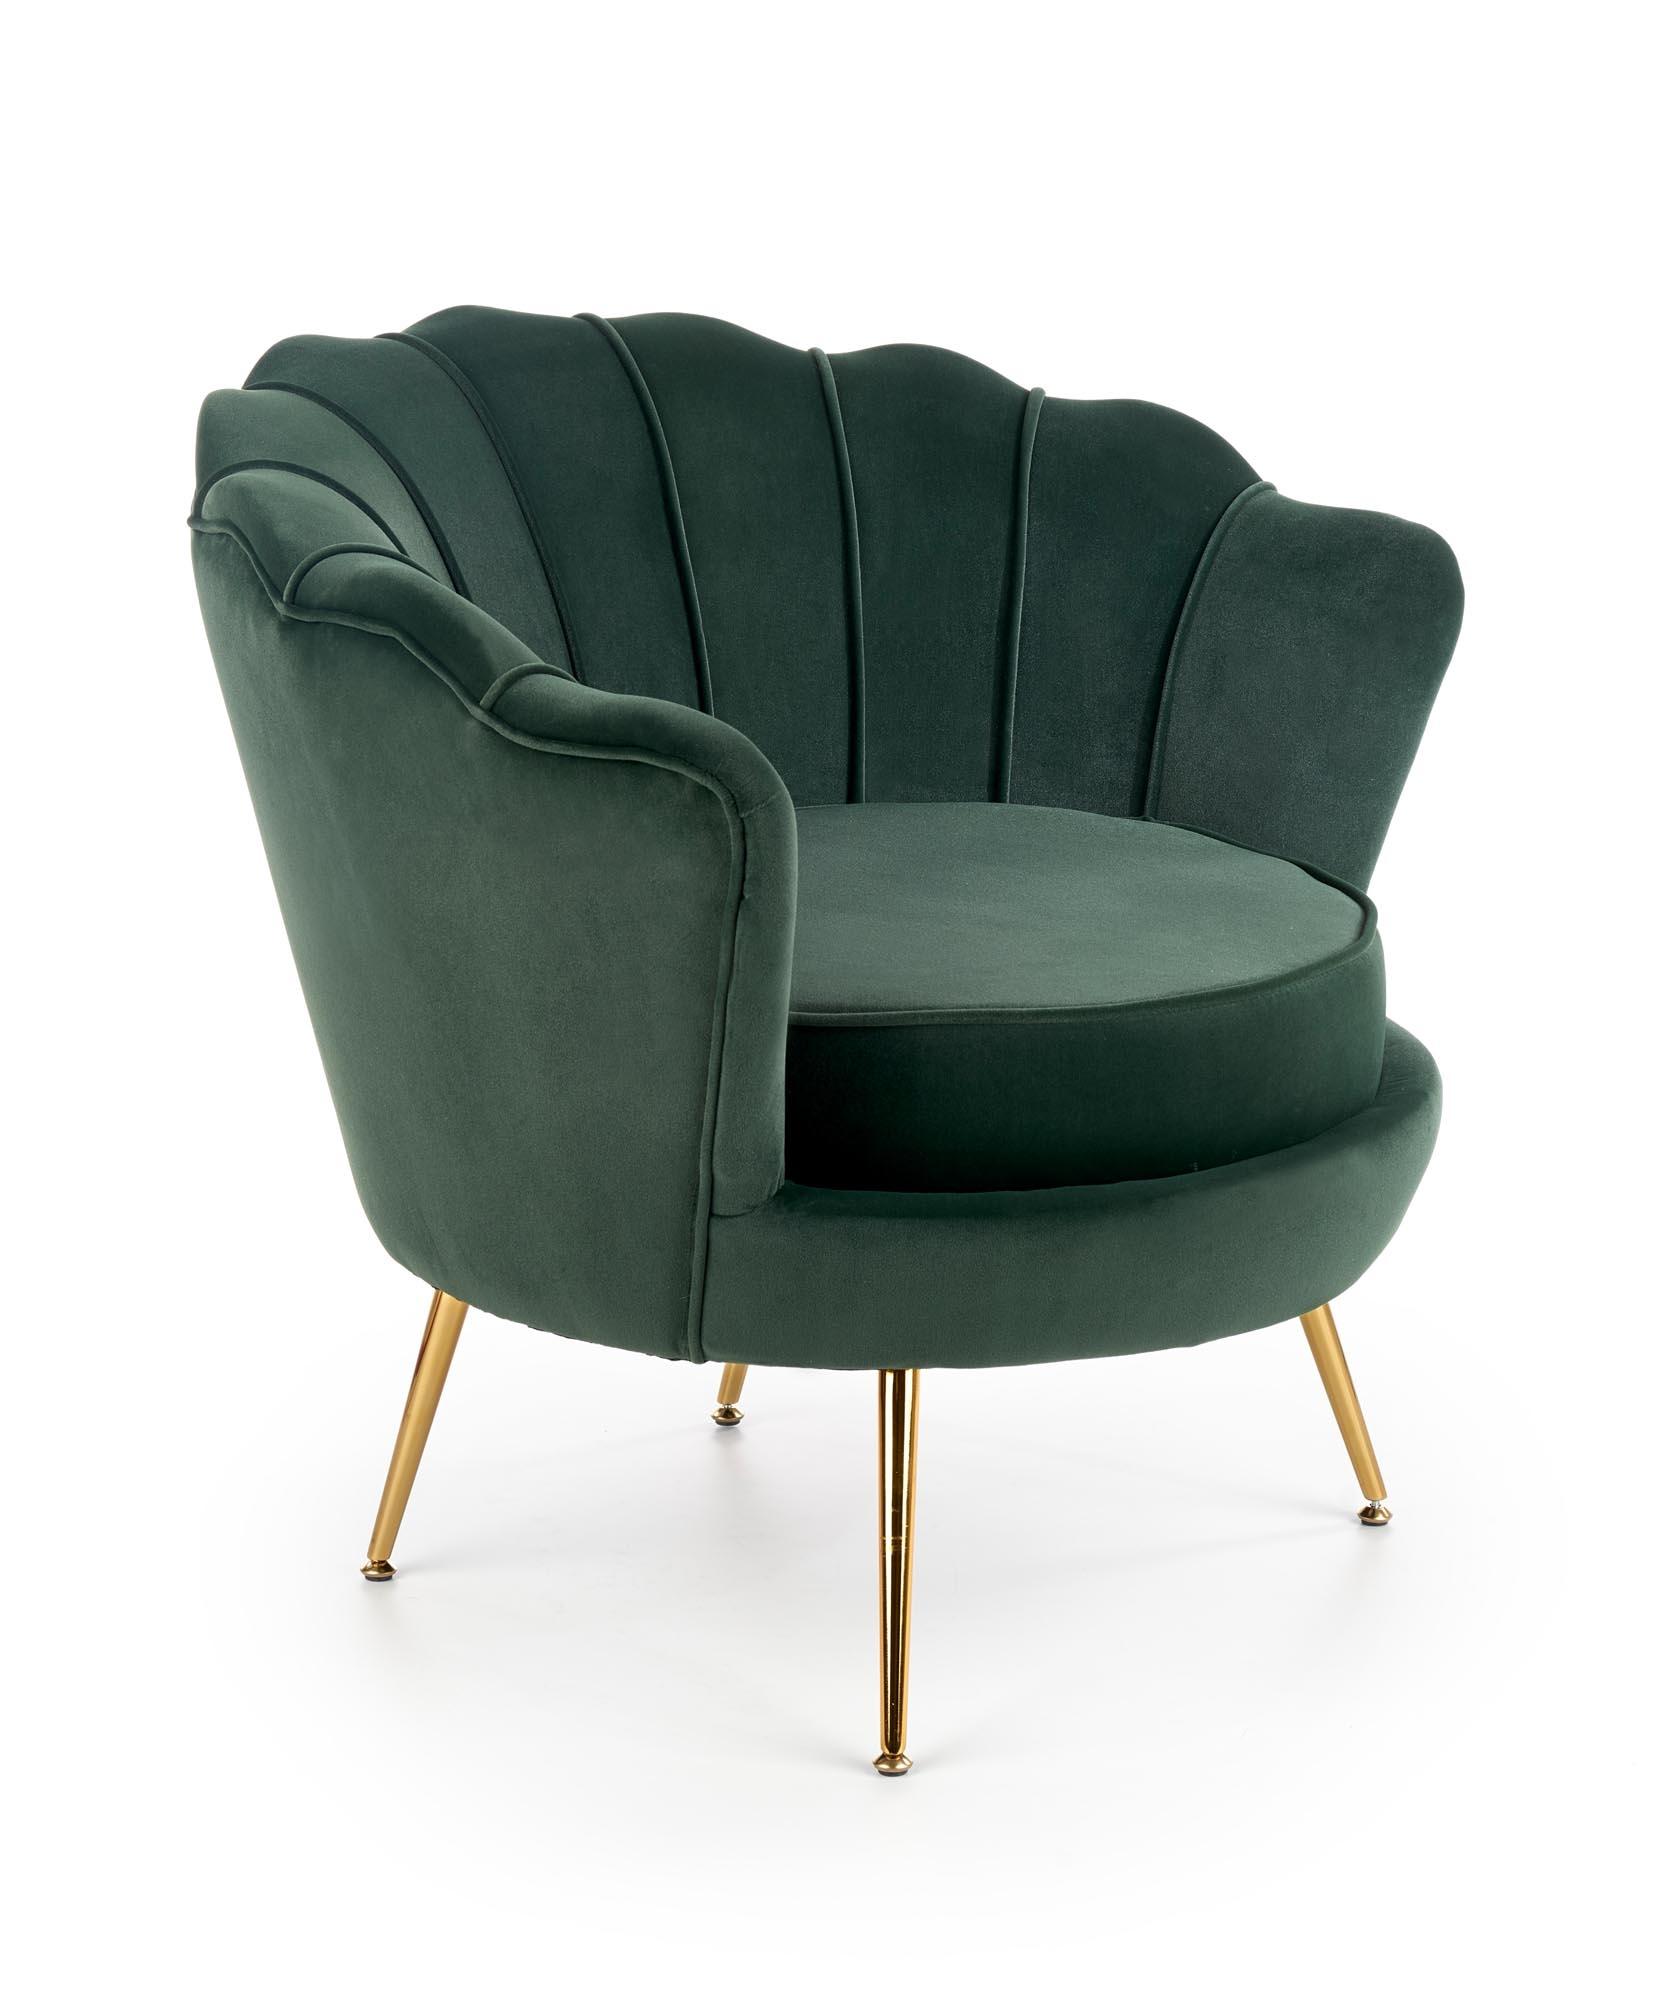 Fotoliu fix tapitat cu stofa, cu picioare din metal Amorinito Verde inchis / Auriu, l83xA77xH77 cm imagine